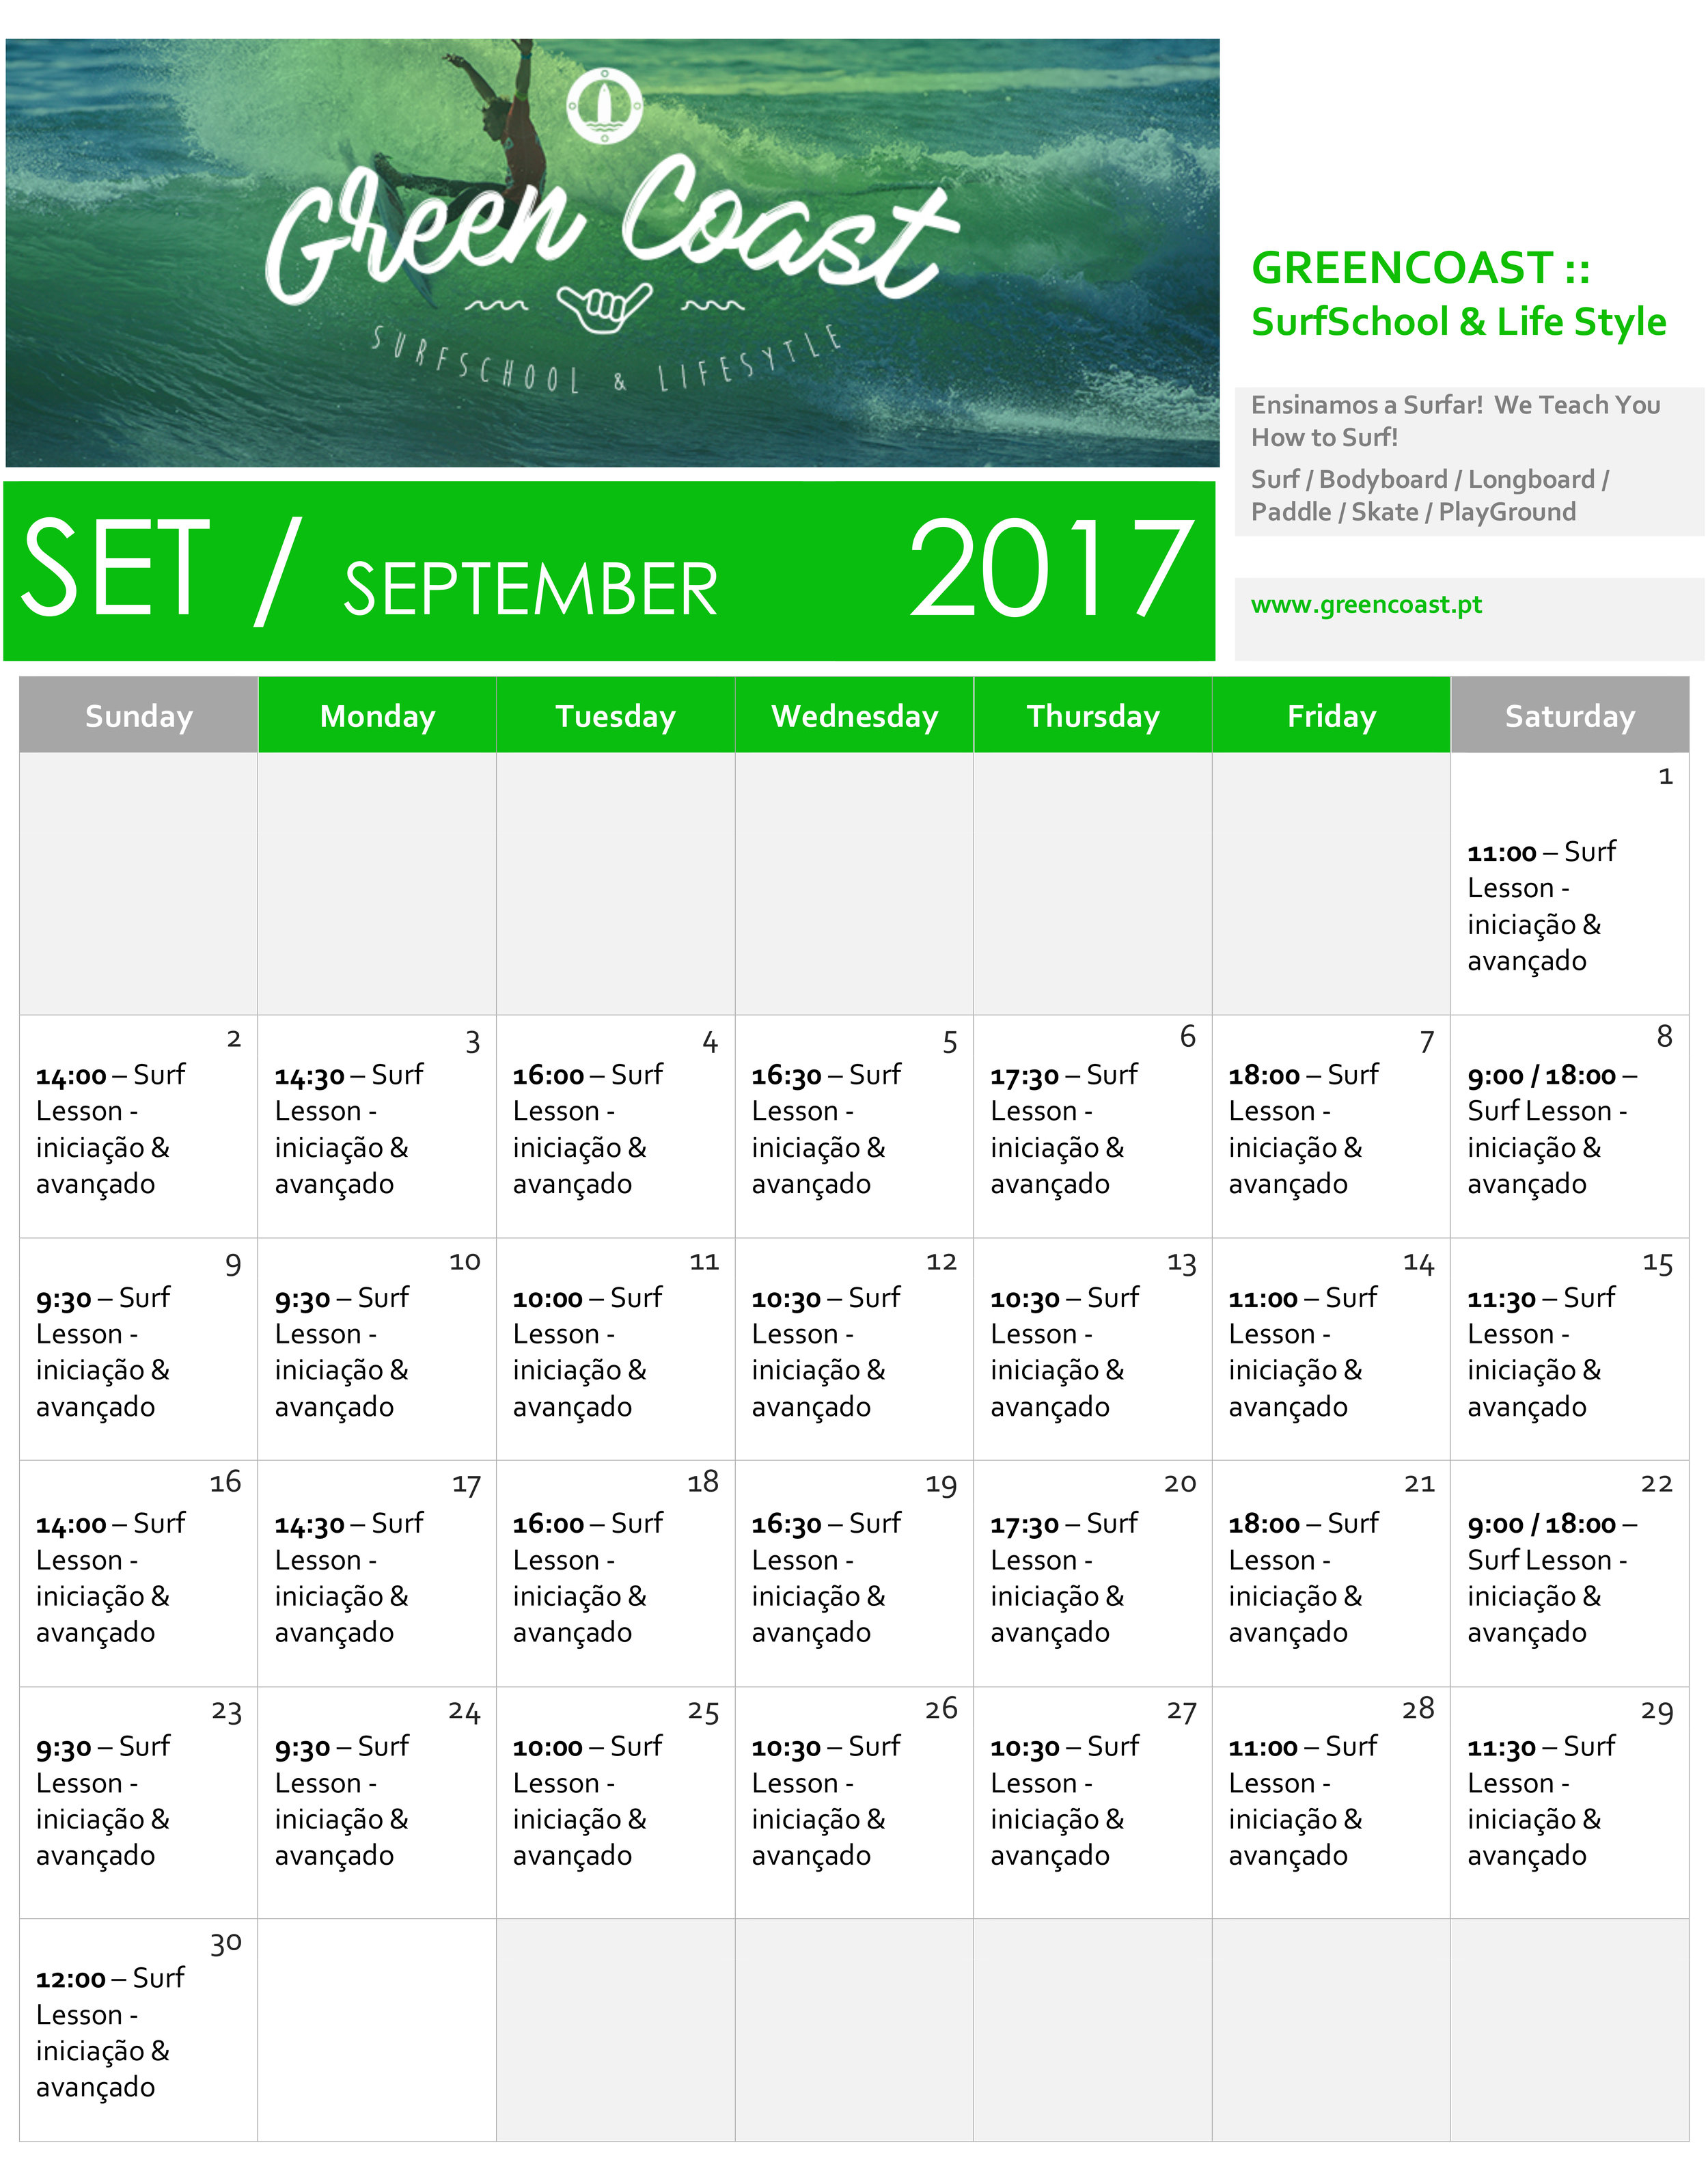 horario-shedule-setembro